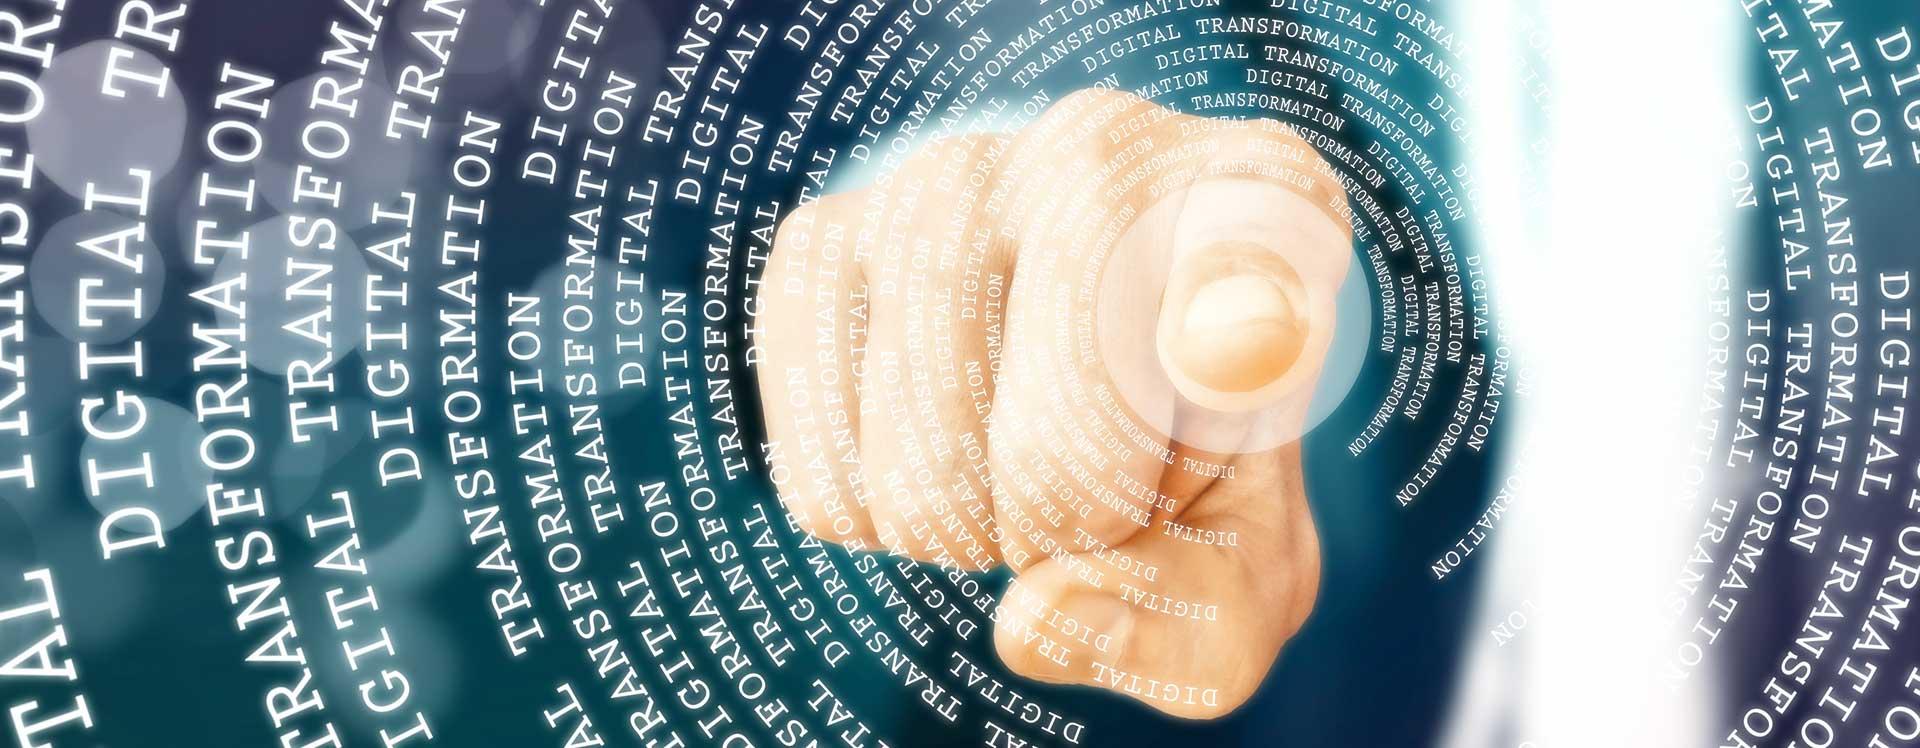 Formation de sensibilisation au numérique pour demandeur d'emploi à Liège